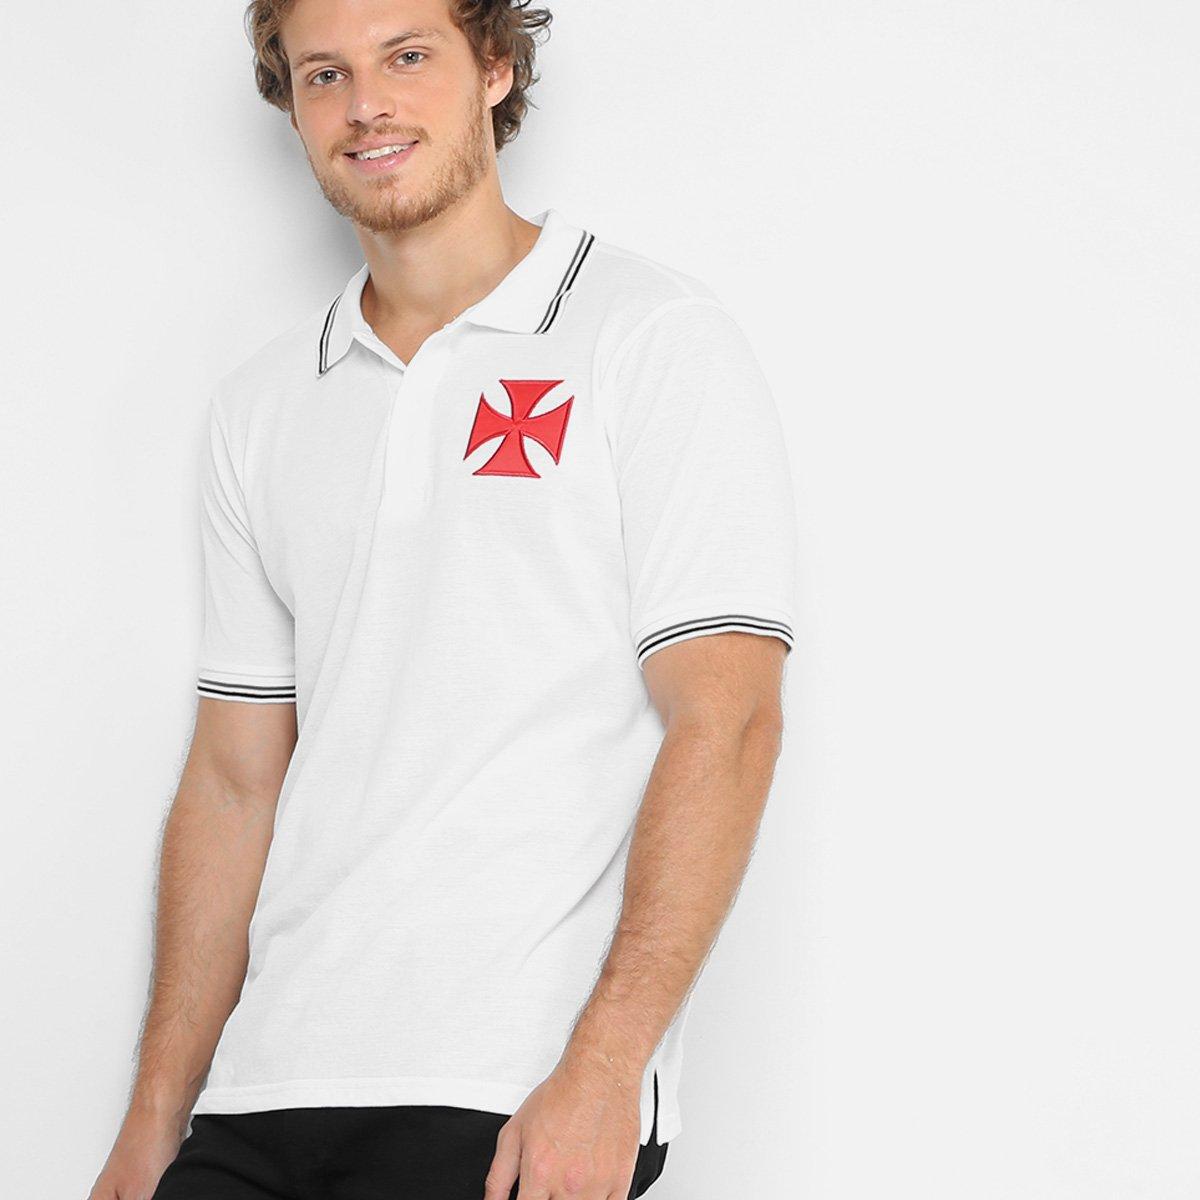 Camisa Polo Vasco Piquet Kehl Masculina - Branco - Compre Agora ... 95dc557529836